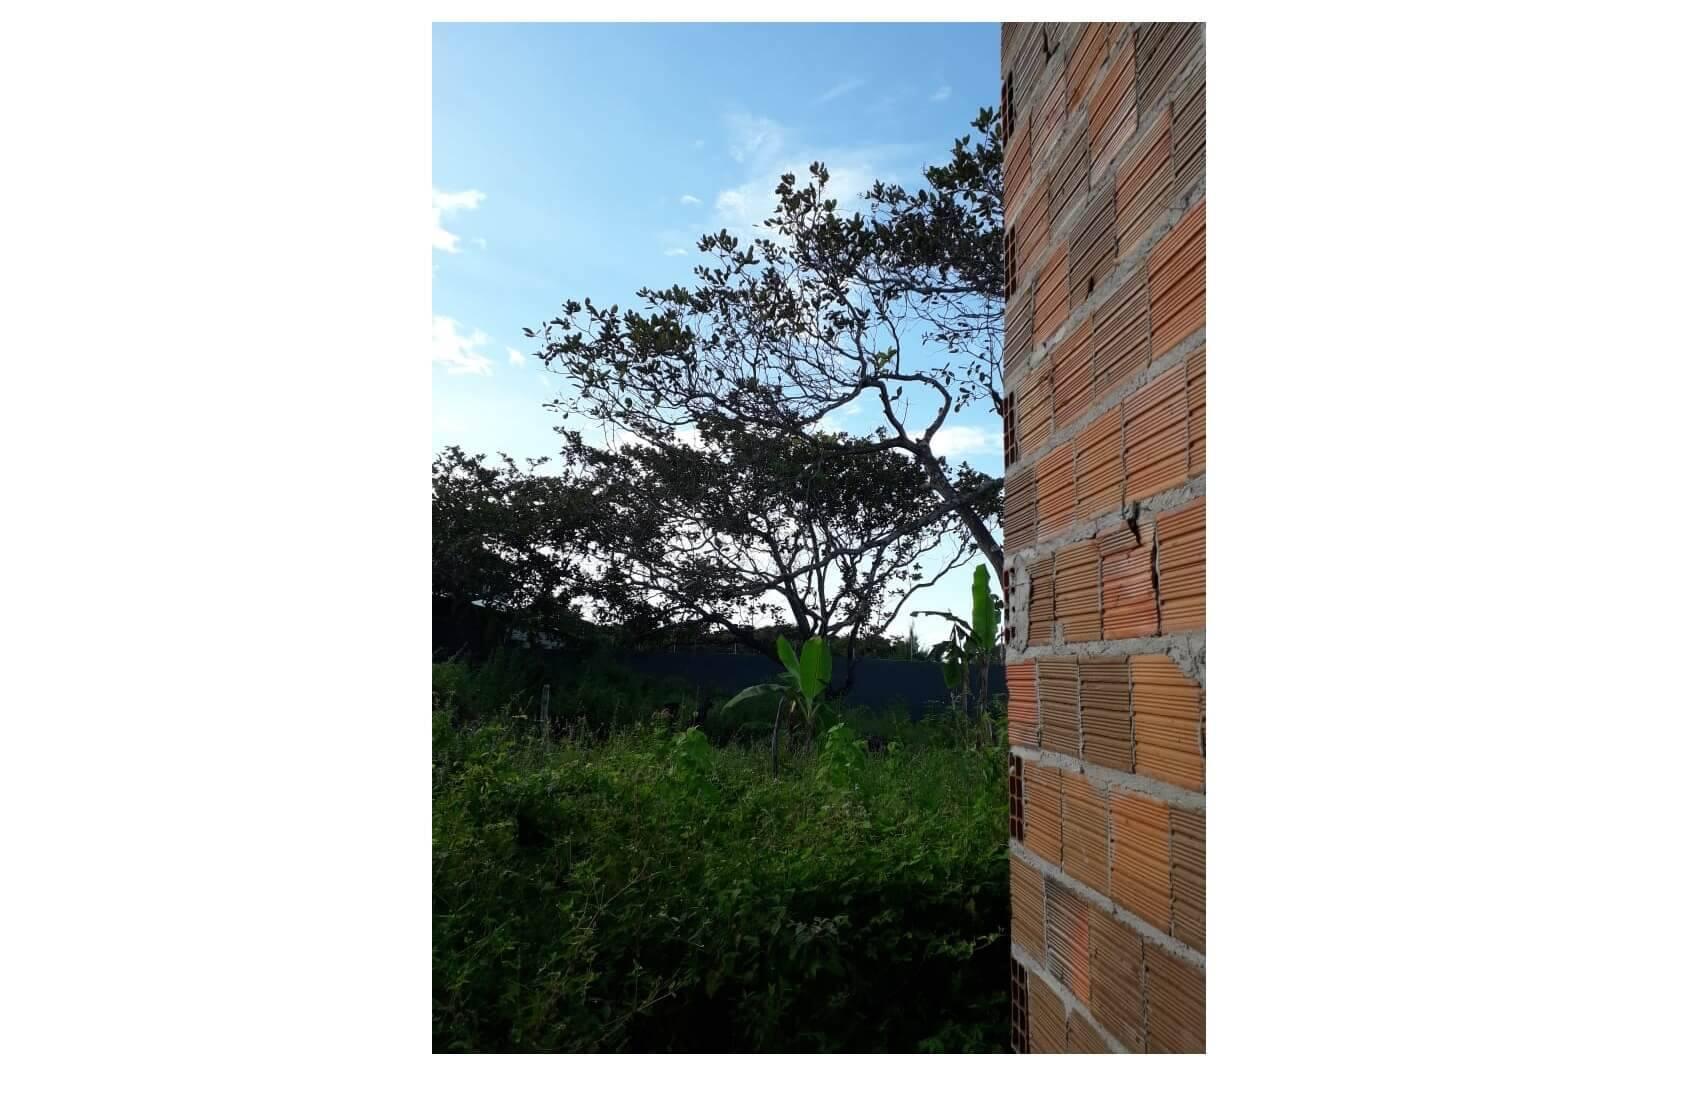 Meu fim de quintal, por Maiara Santos. Foto: Maiara Santos